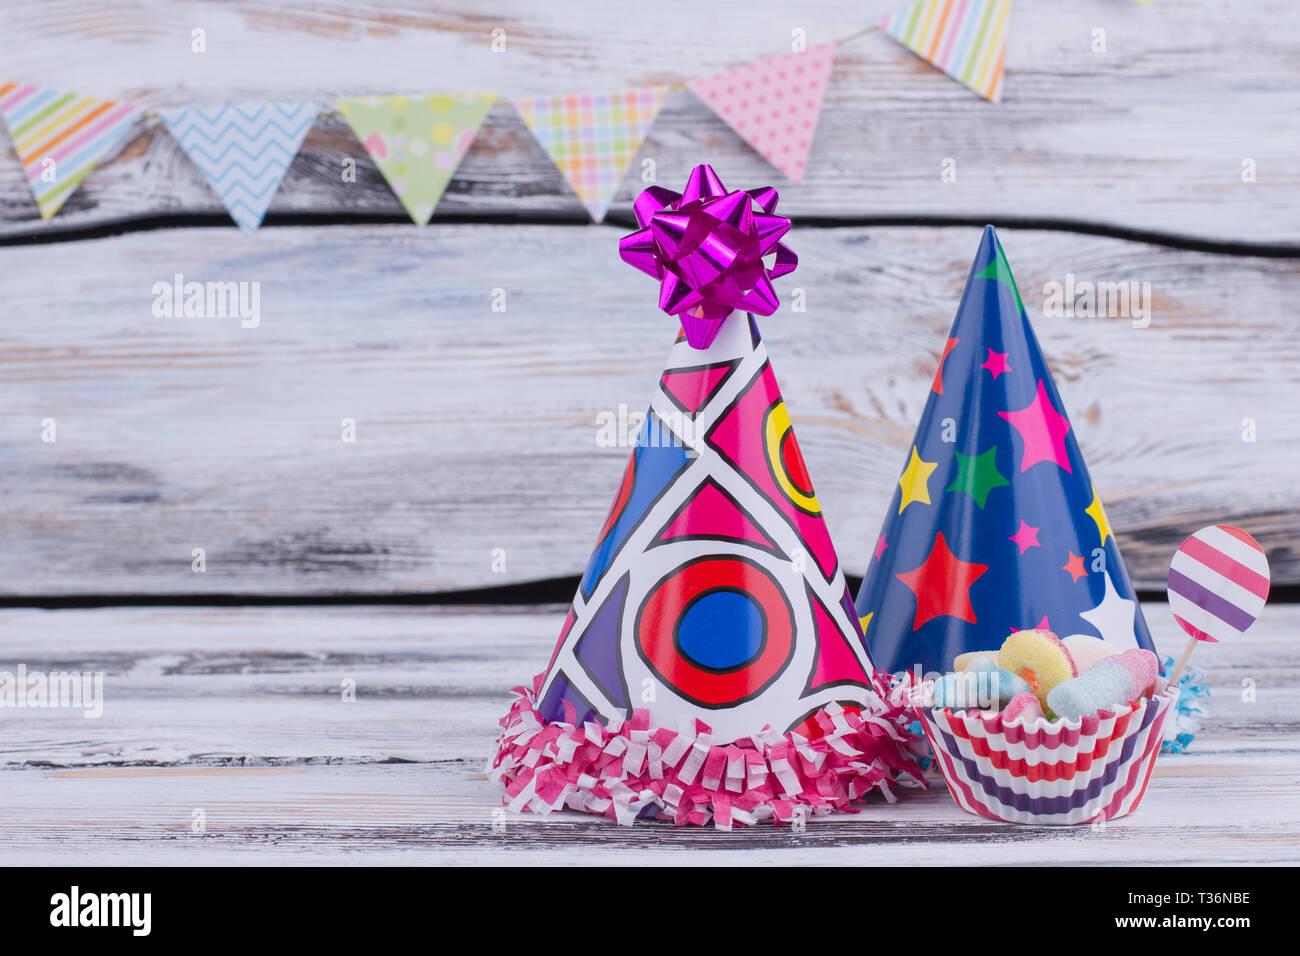 Il carnevale o la festa di compleanno di decorazioni. Decorate per i cappelli di carta e caramelle su sfondo di legno. Concetto di bambini festa di compleanno. Foto Stock